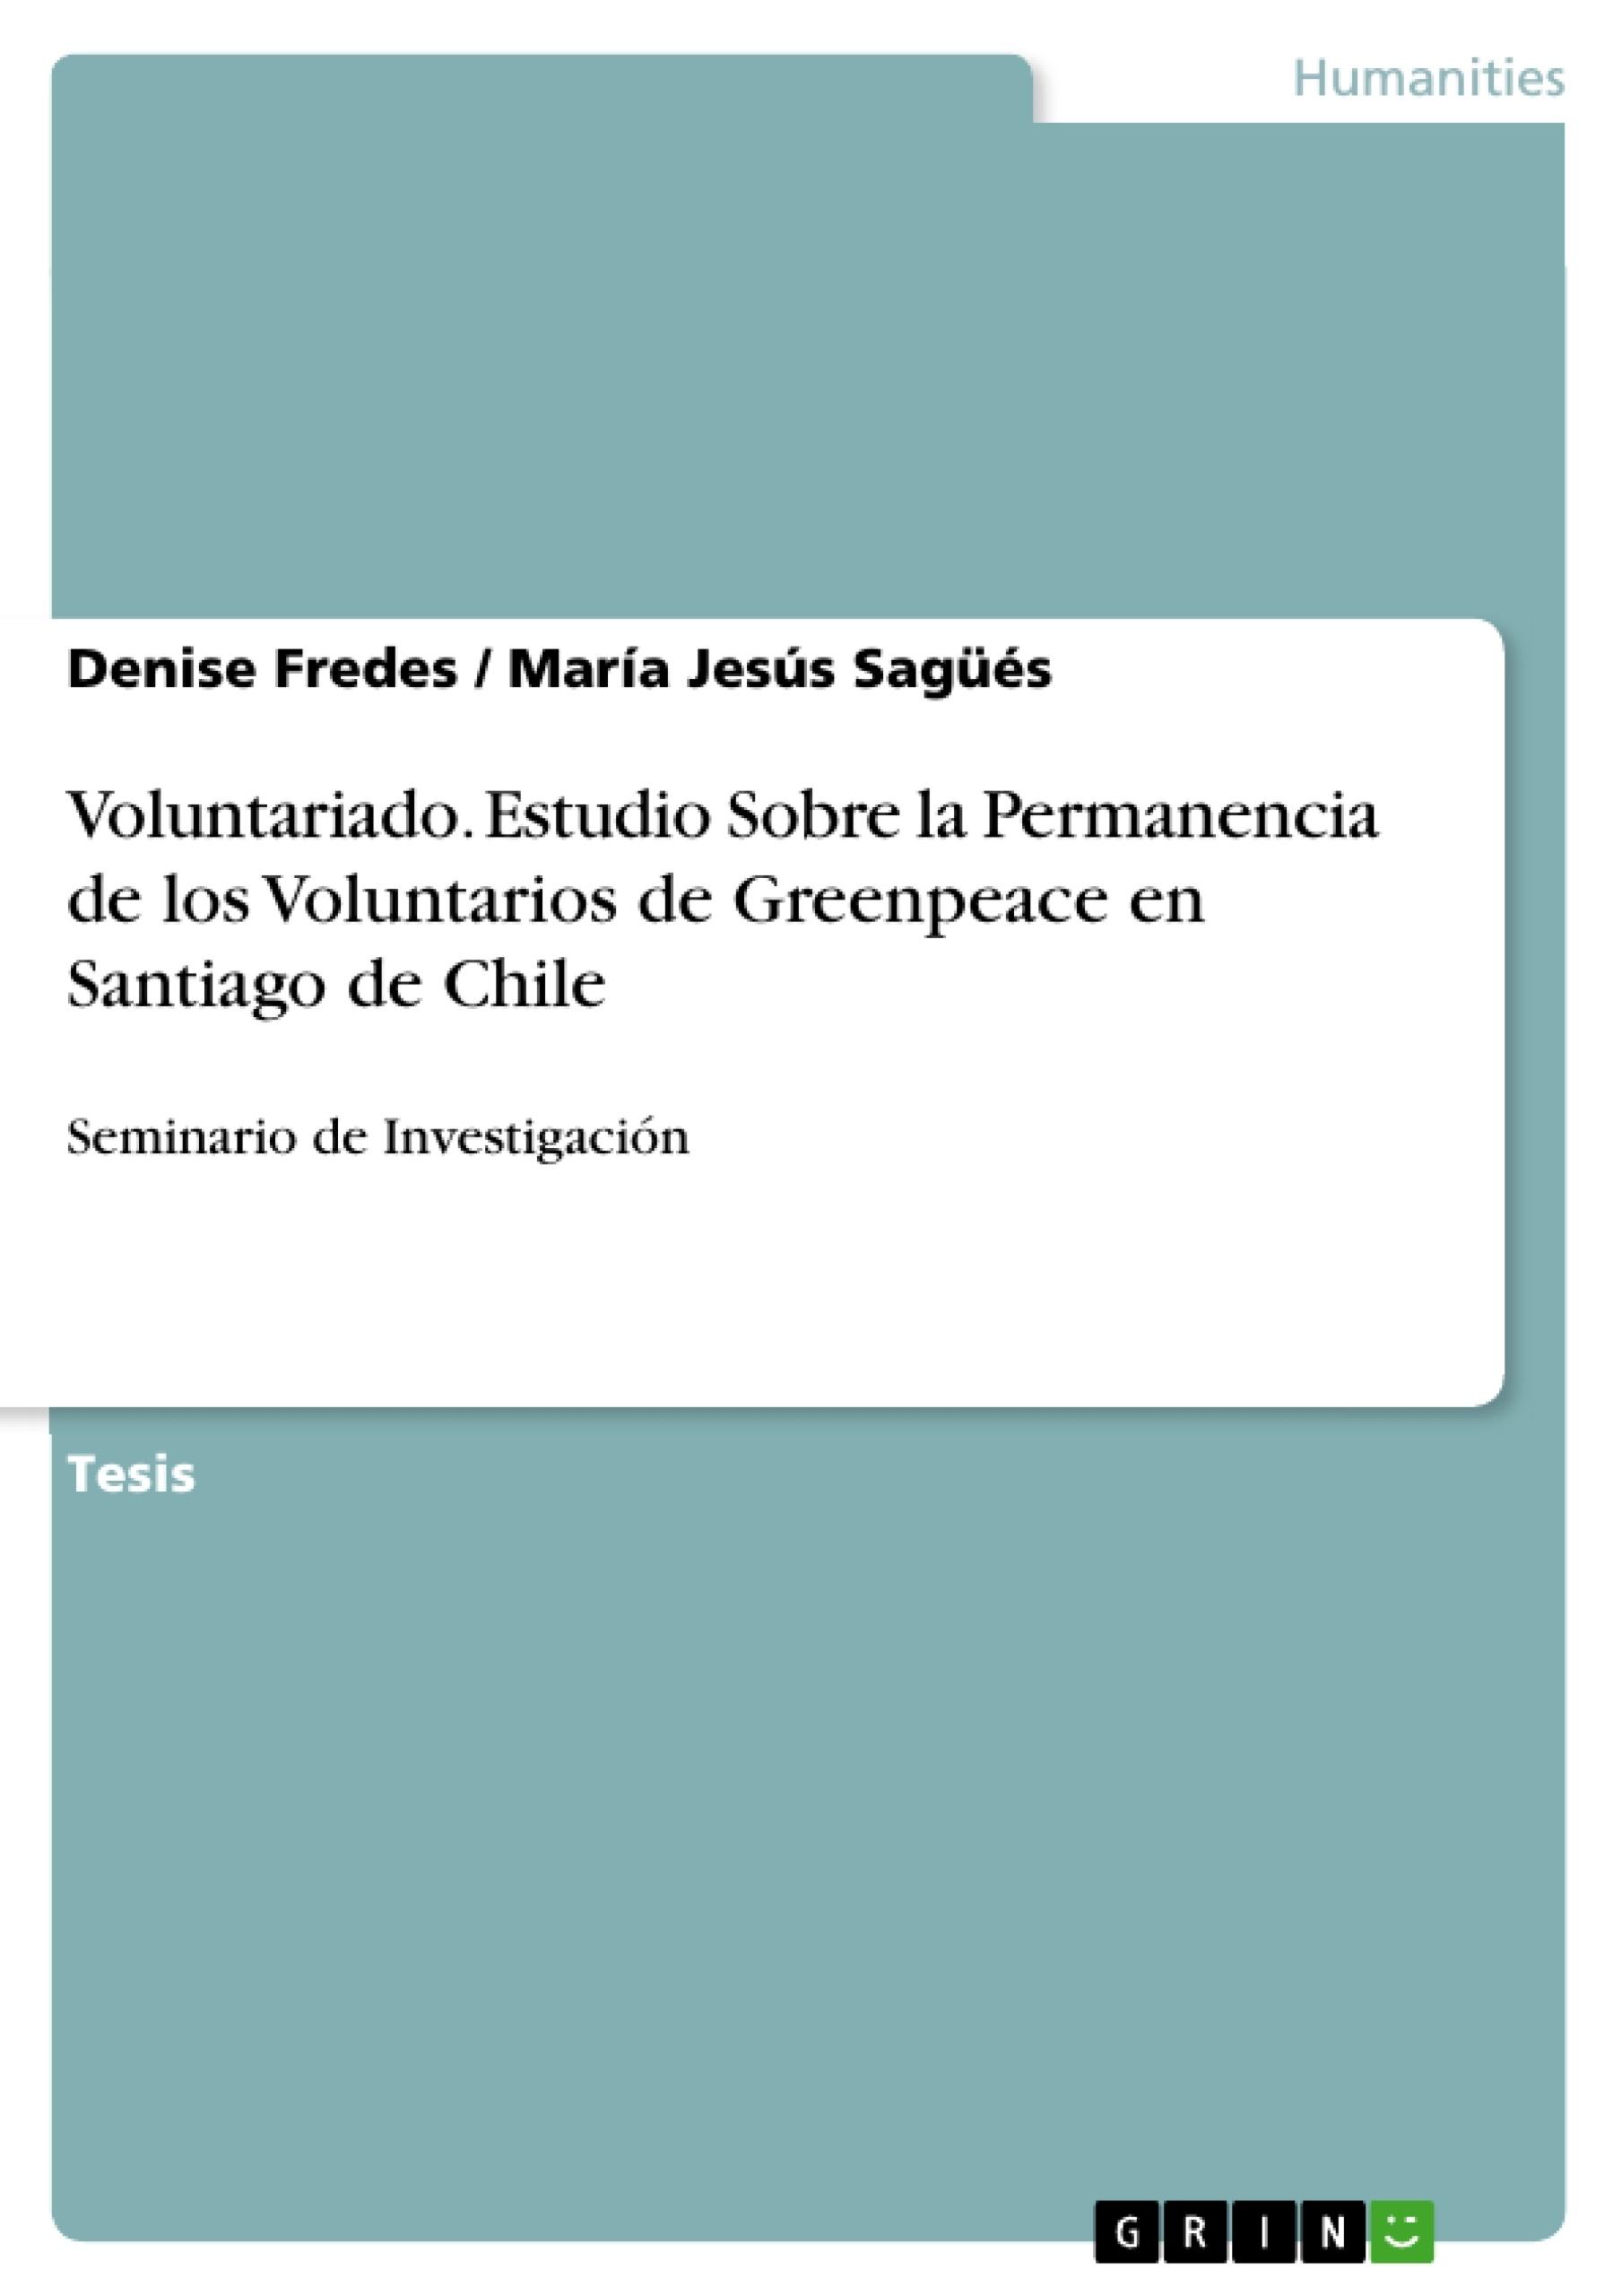 Título: Voluntariado. Estudio Sobre la Permanencia de los Voluntarios de Greenpeace en Santiago de Chile